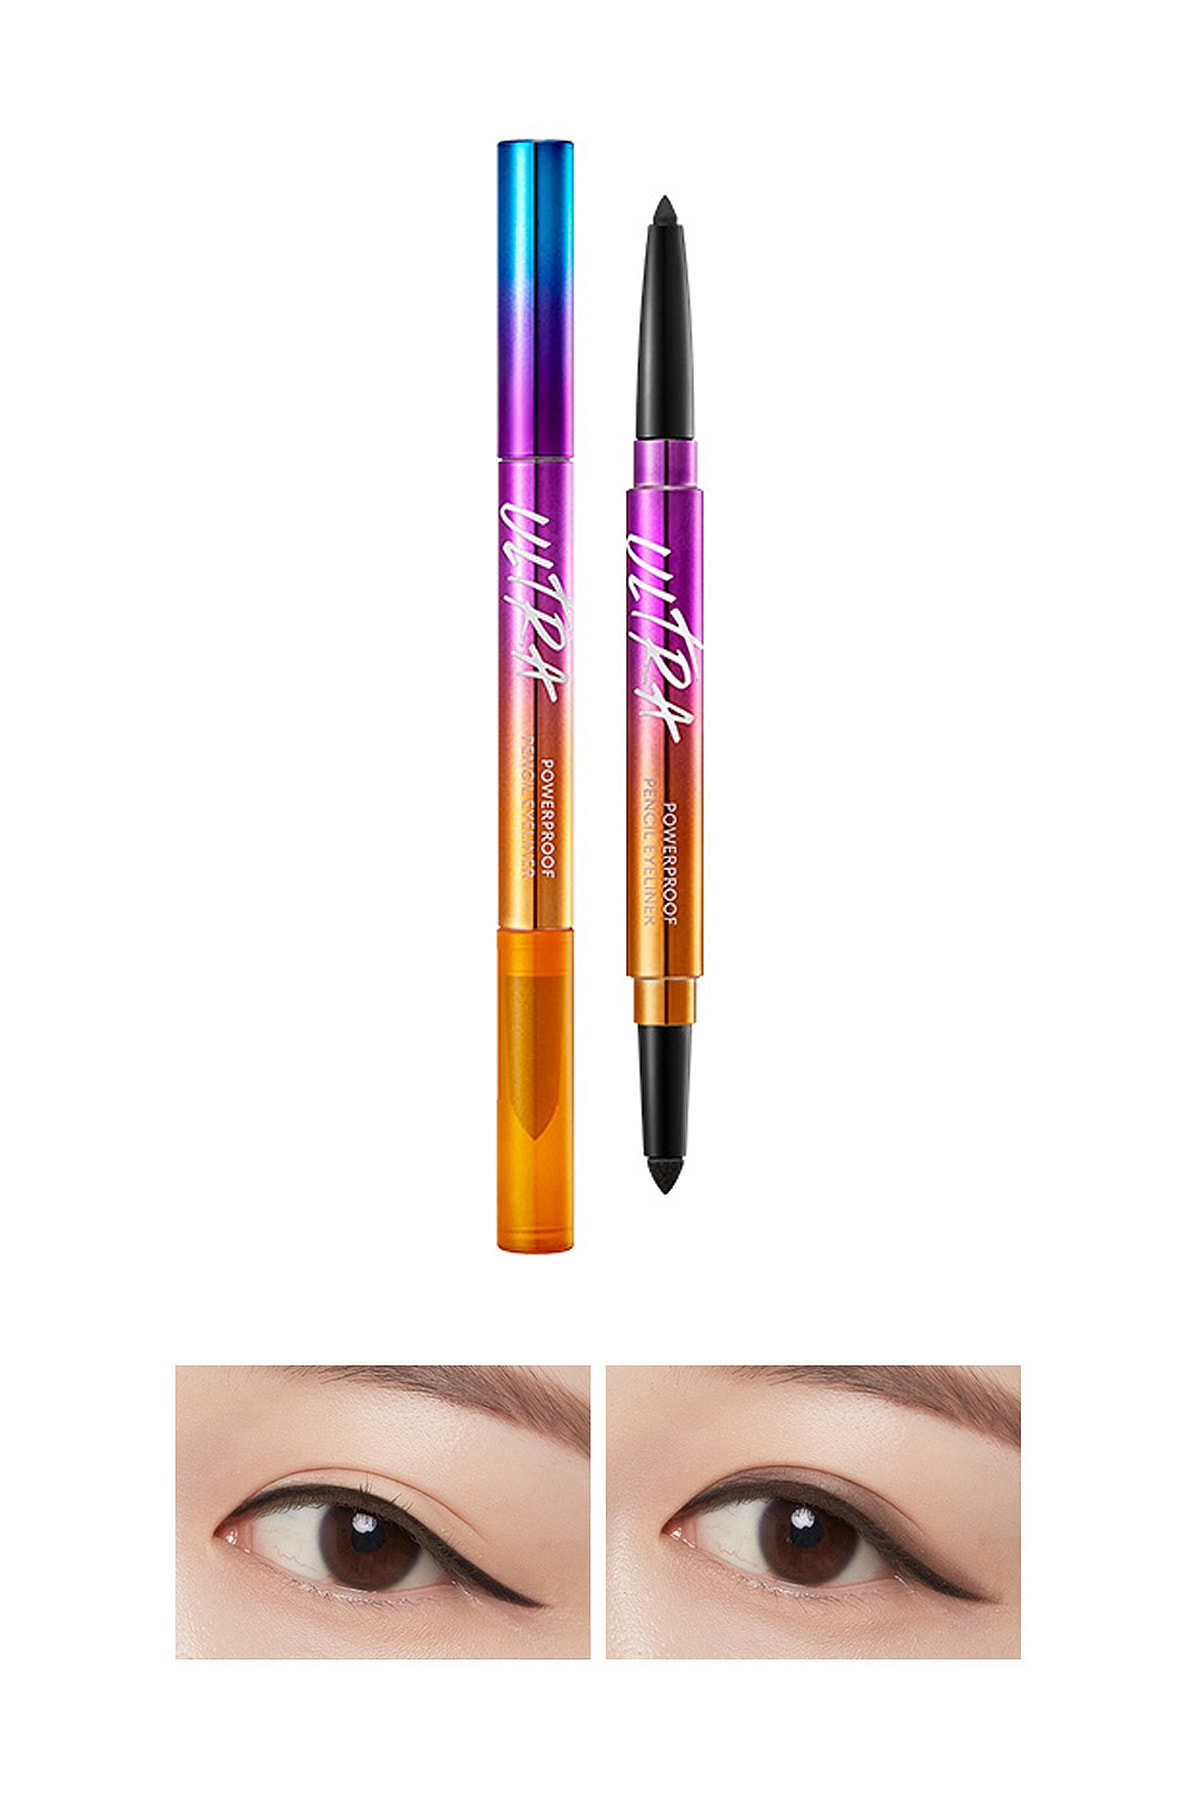 Missha Suya Dayanıklı Kalıcı Jel Göz Kalemi Ultra Powerproof Pencil Eyeliner [Black] 0